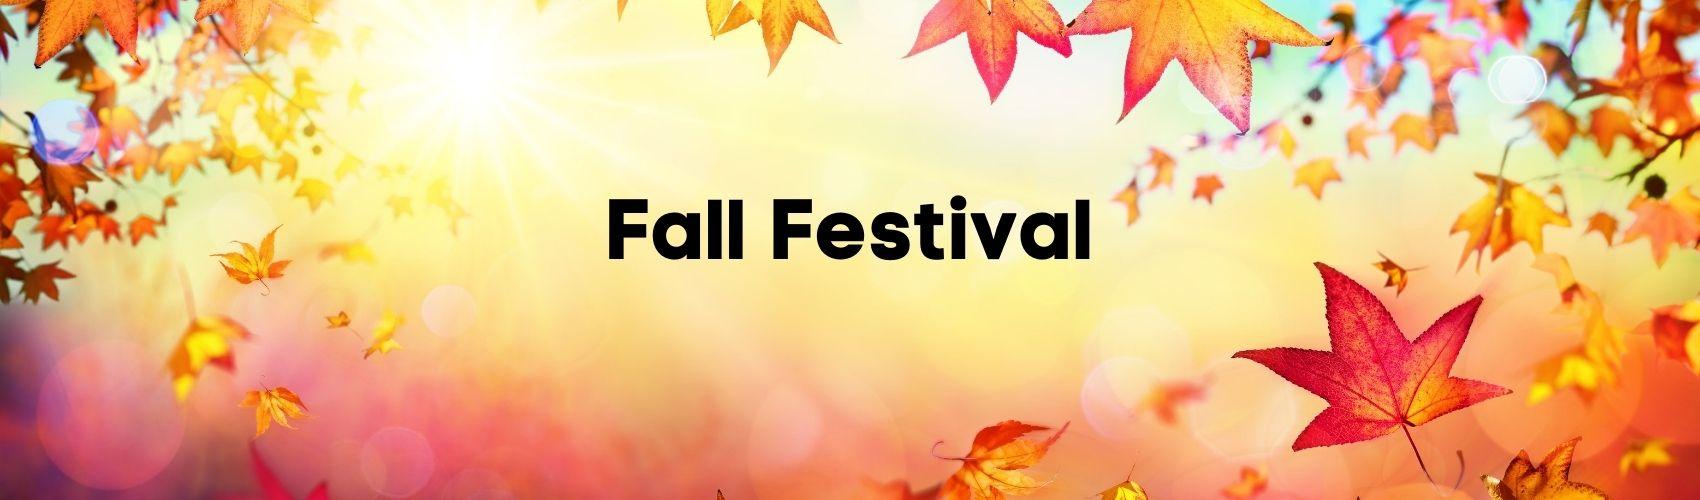 Fall Festival Header